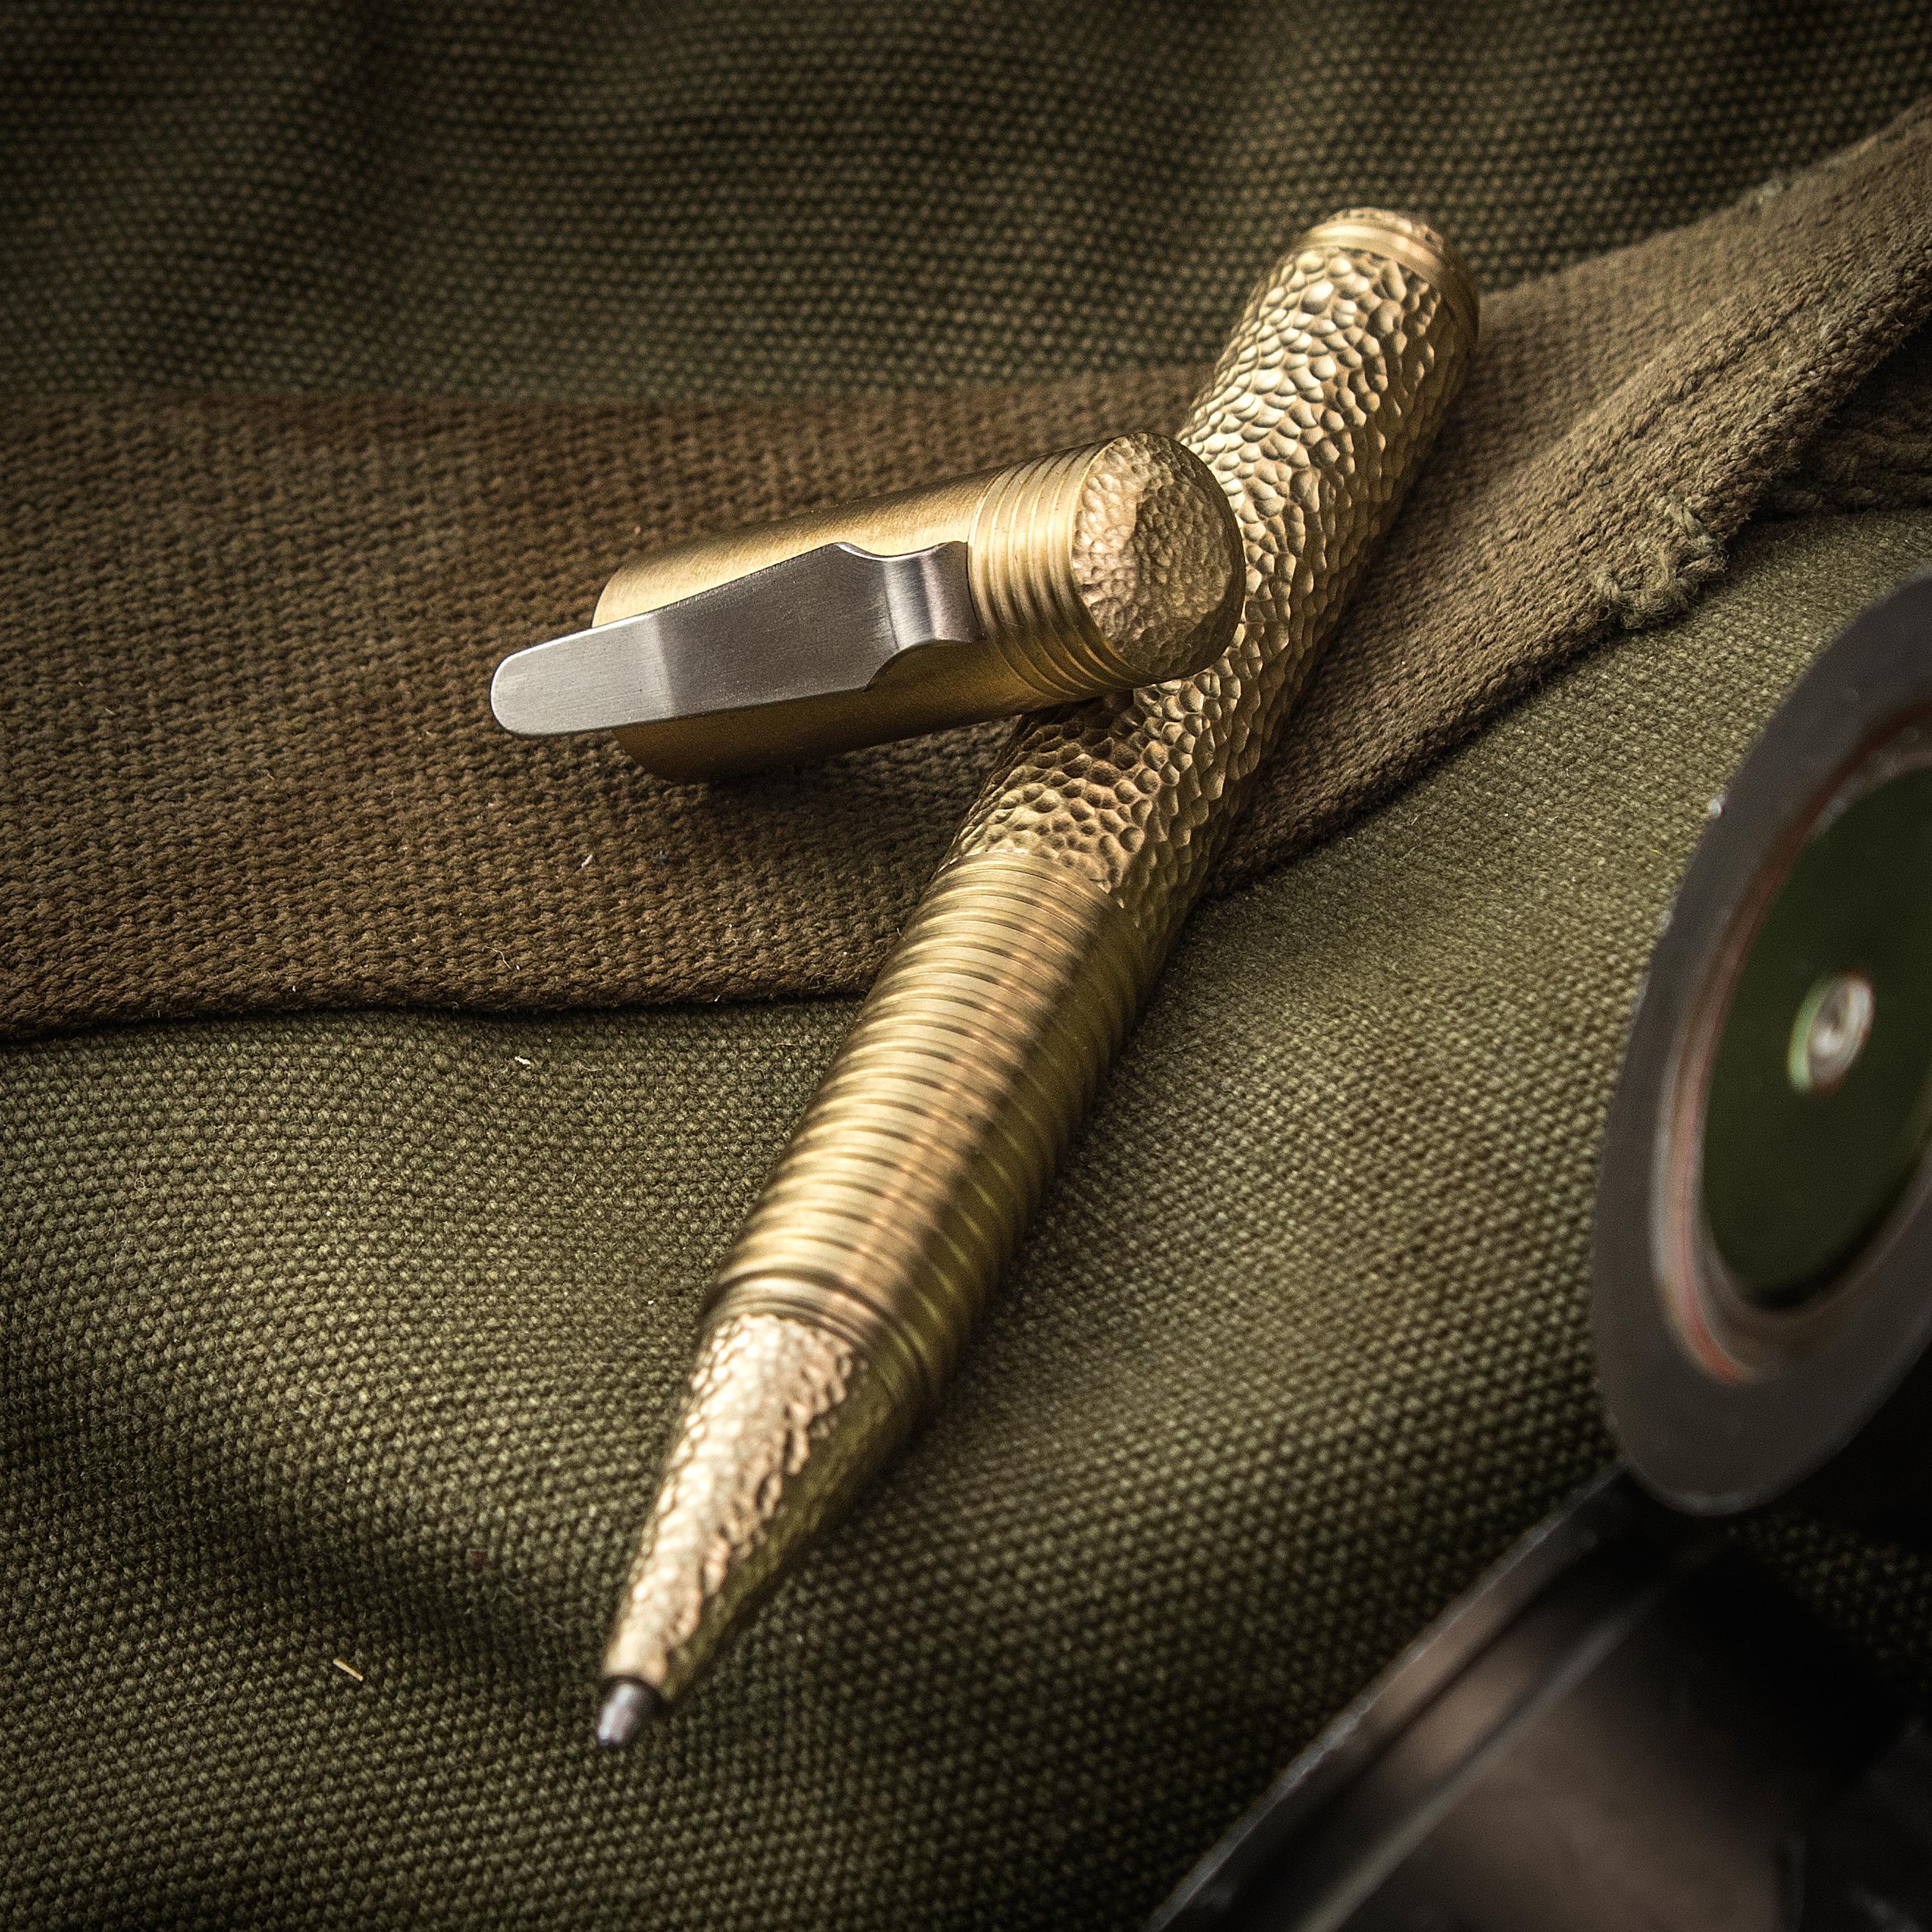 Matthew Martin Custom 500BT Textured Brass Screw Cap Tactical Pen, 5 inch Overall, KnifeCenter Exclusive